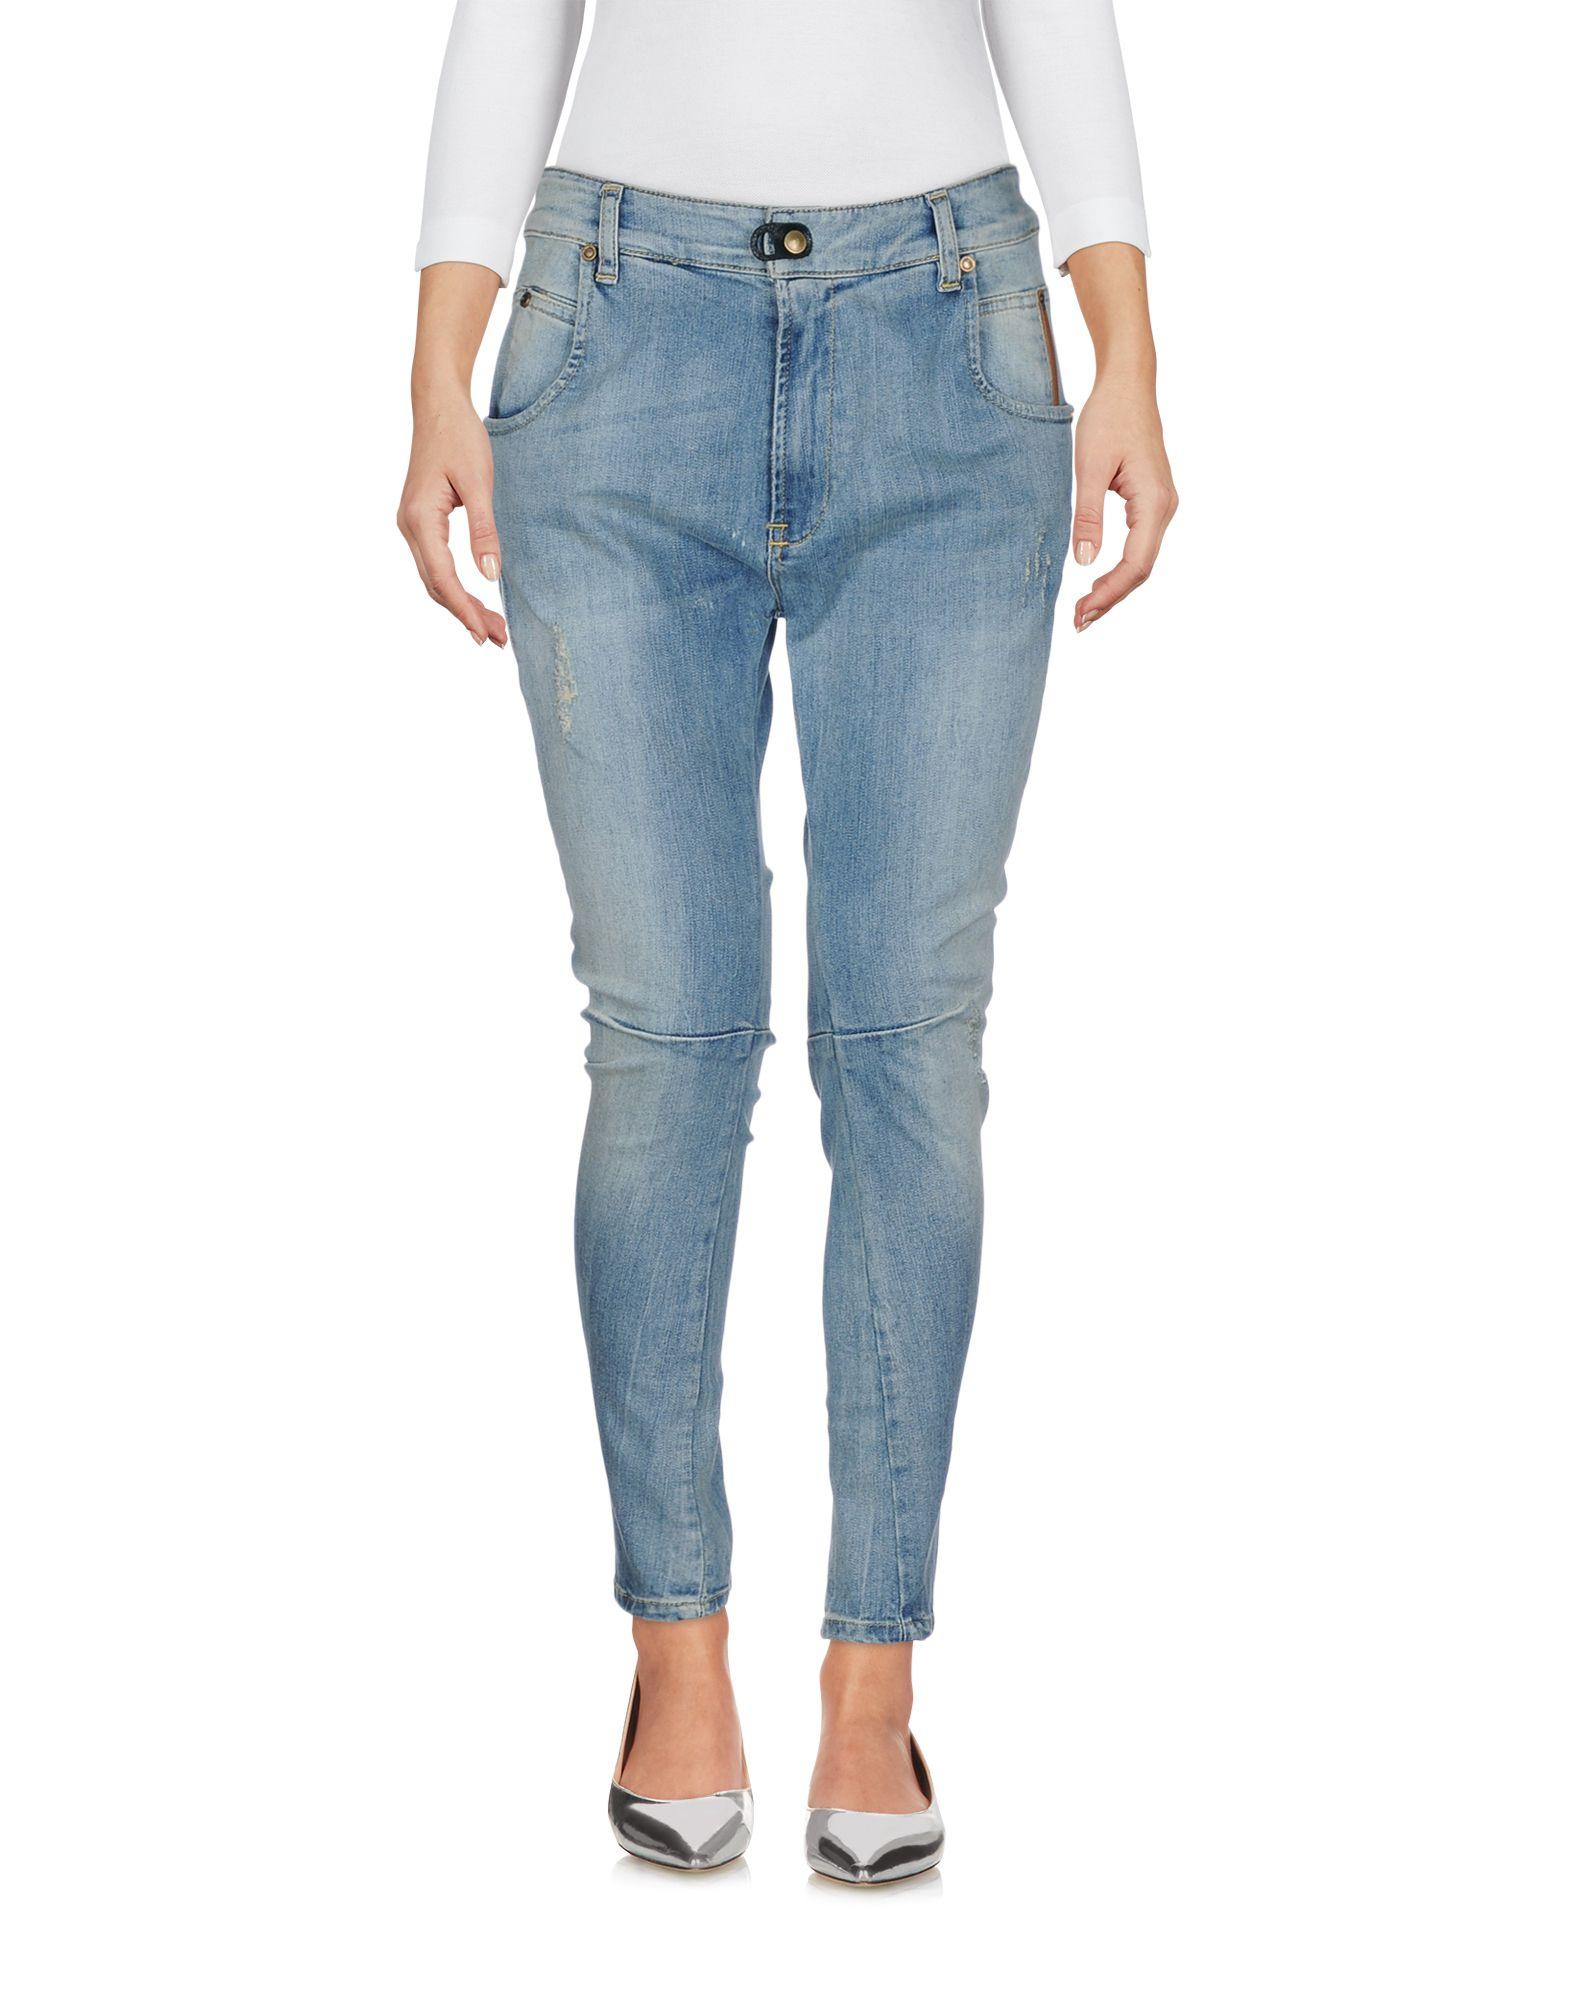 купить PLEIN SUD Джинсовые брюки по цене 2600 рублей